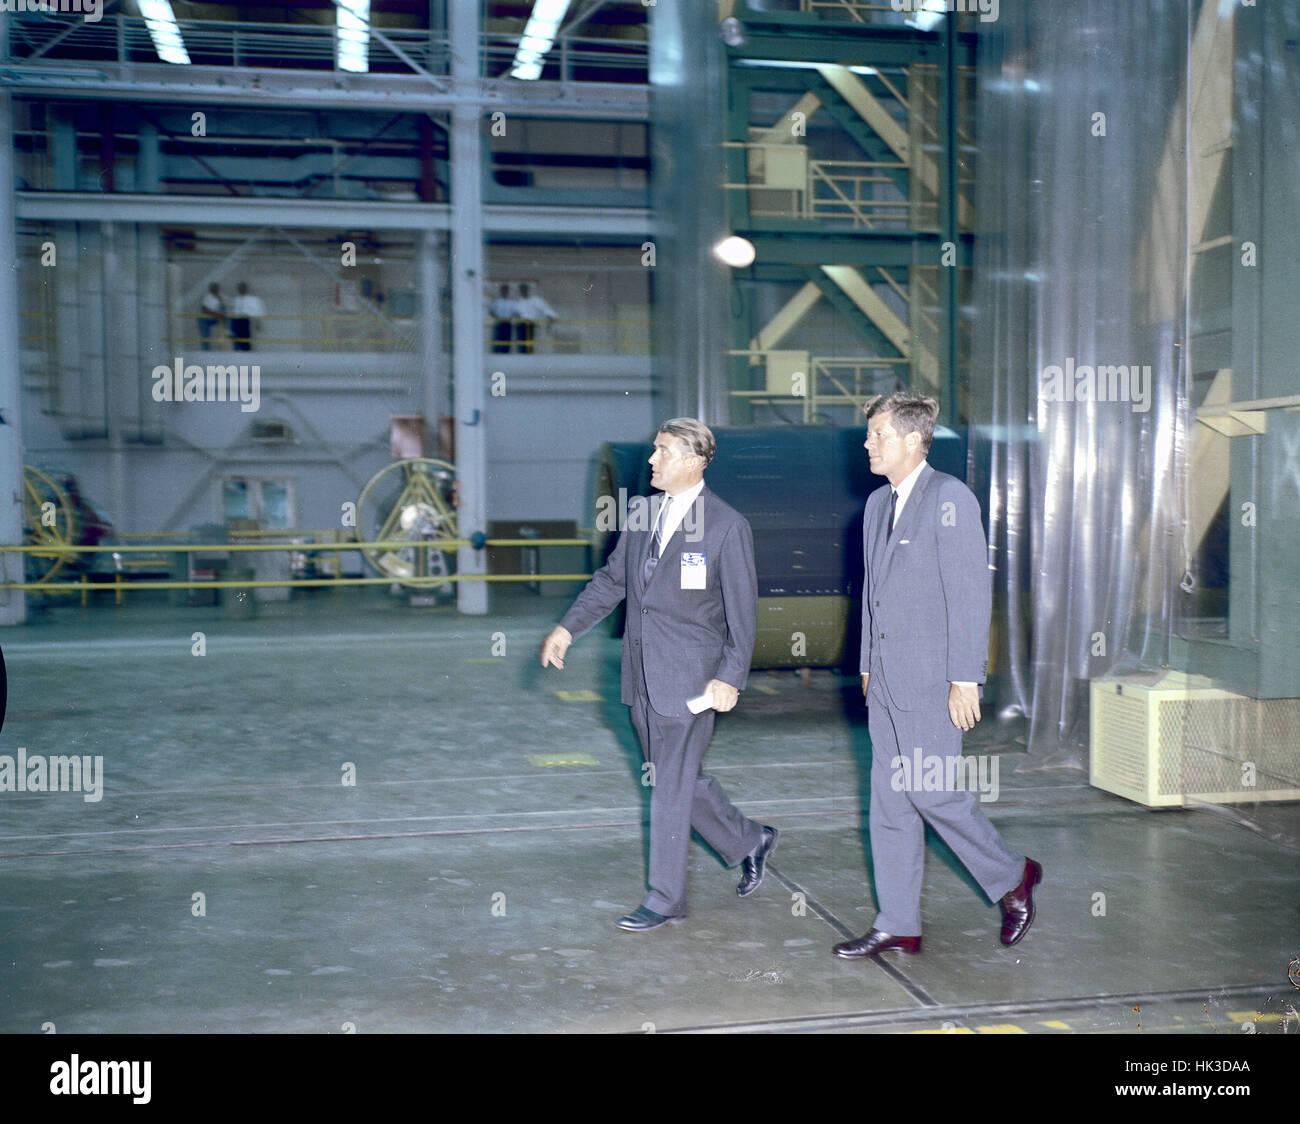 US-Präsident John F. Kennedy besuchte Marshall Space Flight Center (MSFC) in Huntsville, Alabama am 11. September 1962. Präsident Kennedy und Dr. Wernher von Braun, MSFC Direktor tour hier eines der Labore... Stockfoto